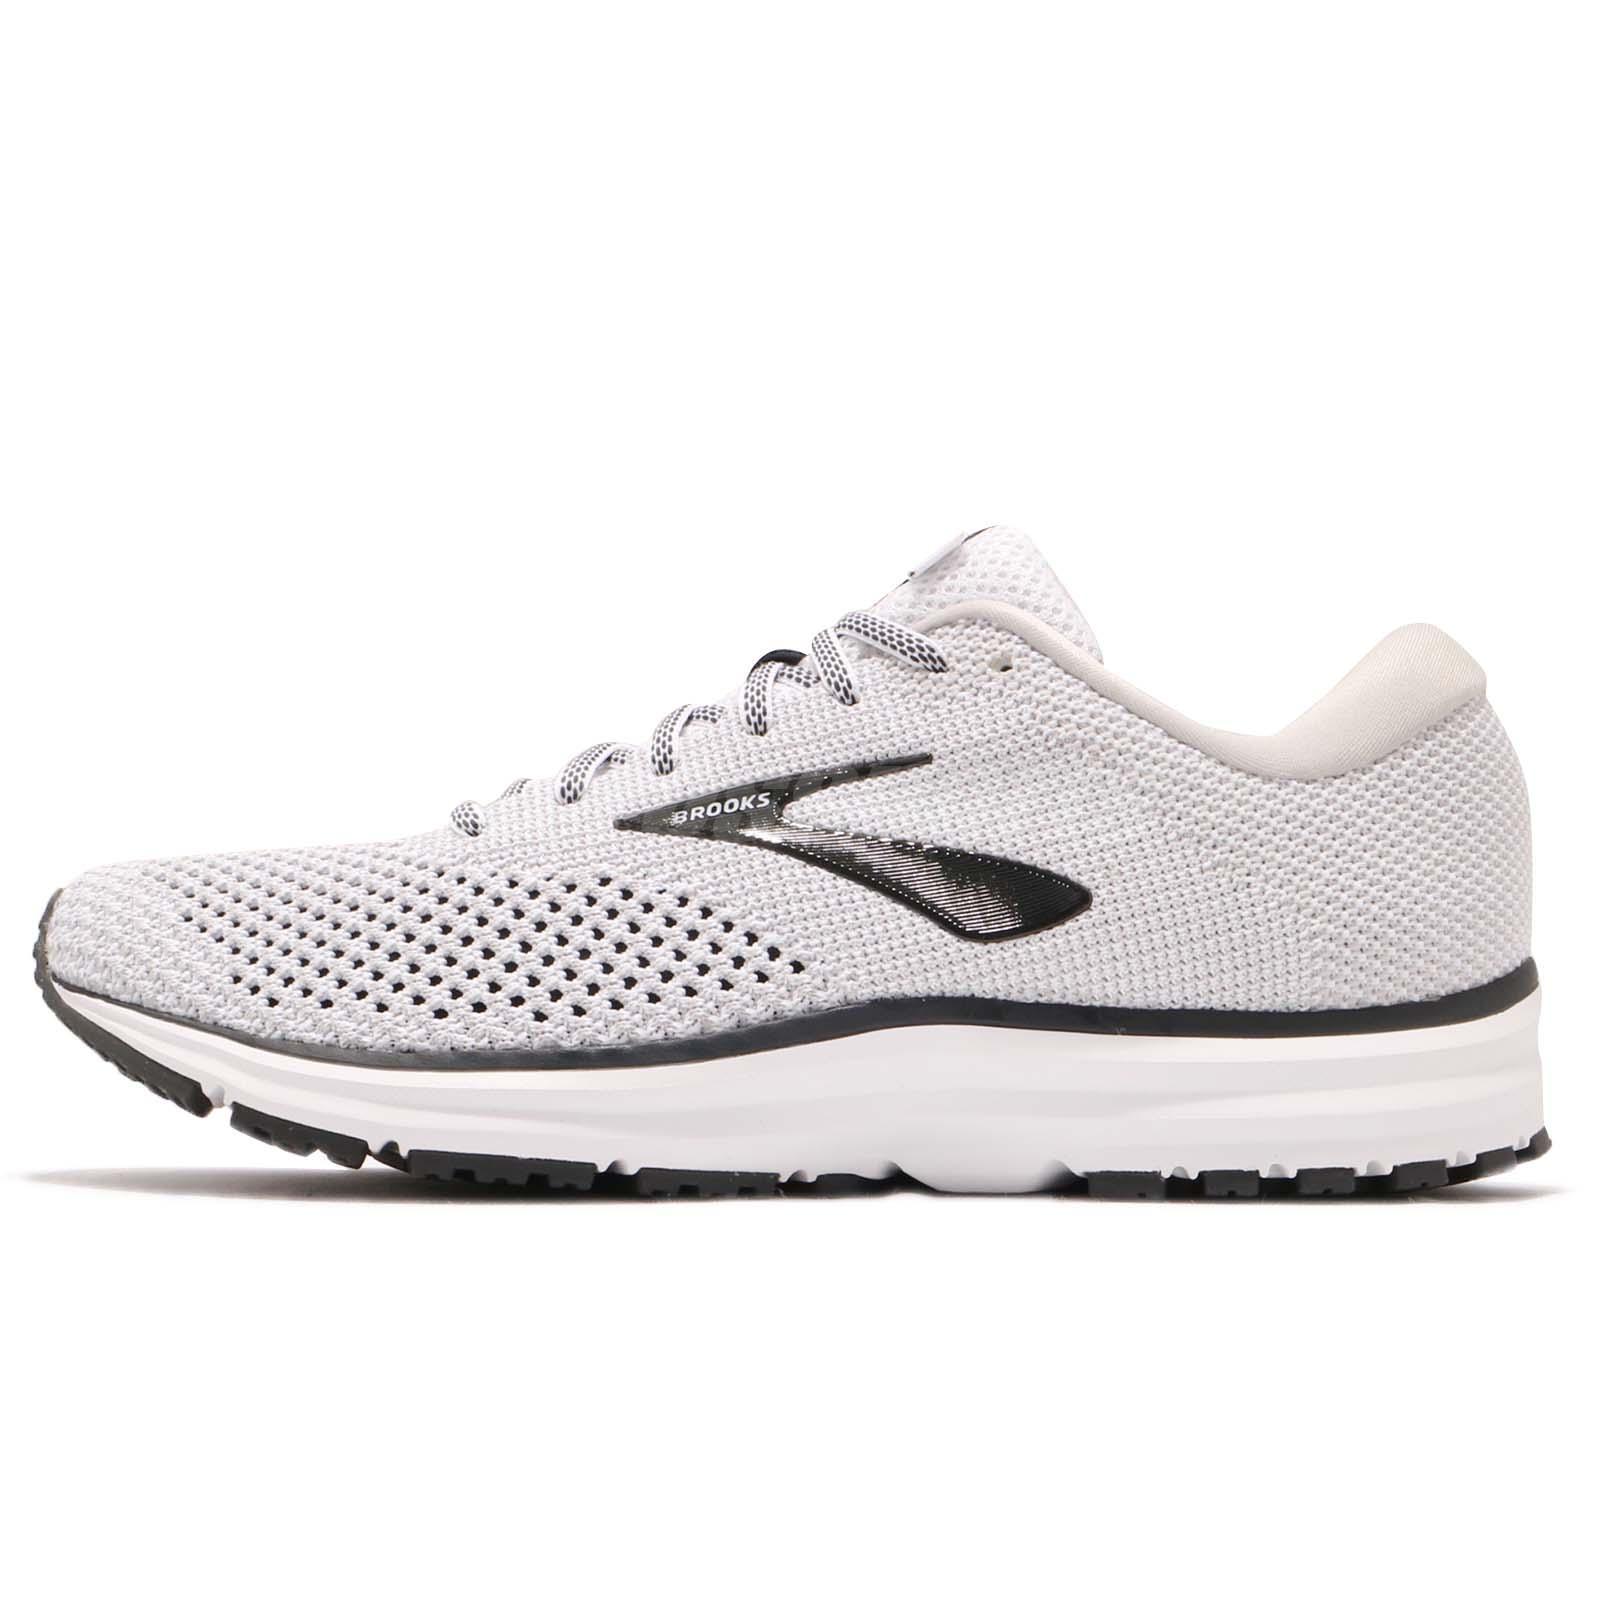 cb6bd7d04bb Brooks Revel 2 White Grey Black Men Running Training Shoes Sneakers 110292  1D